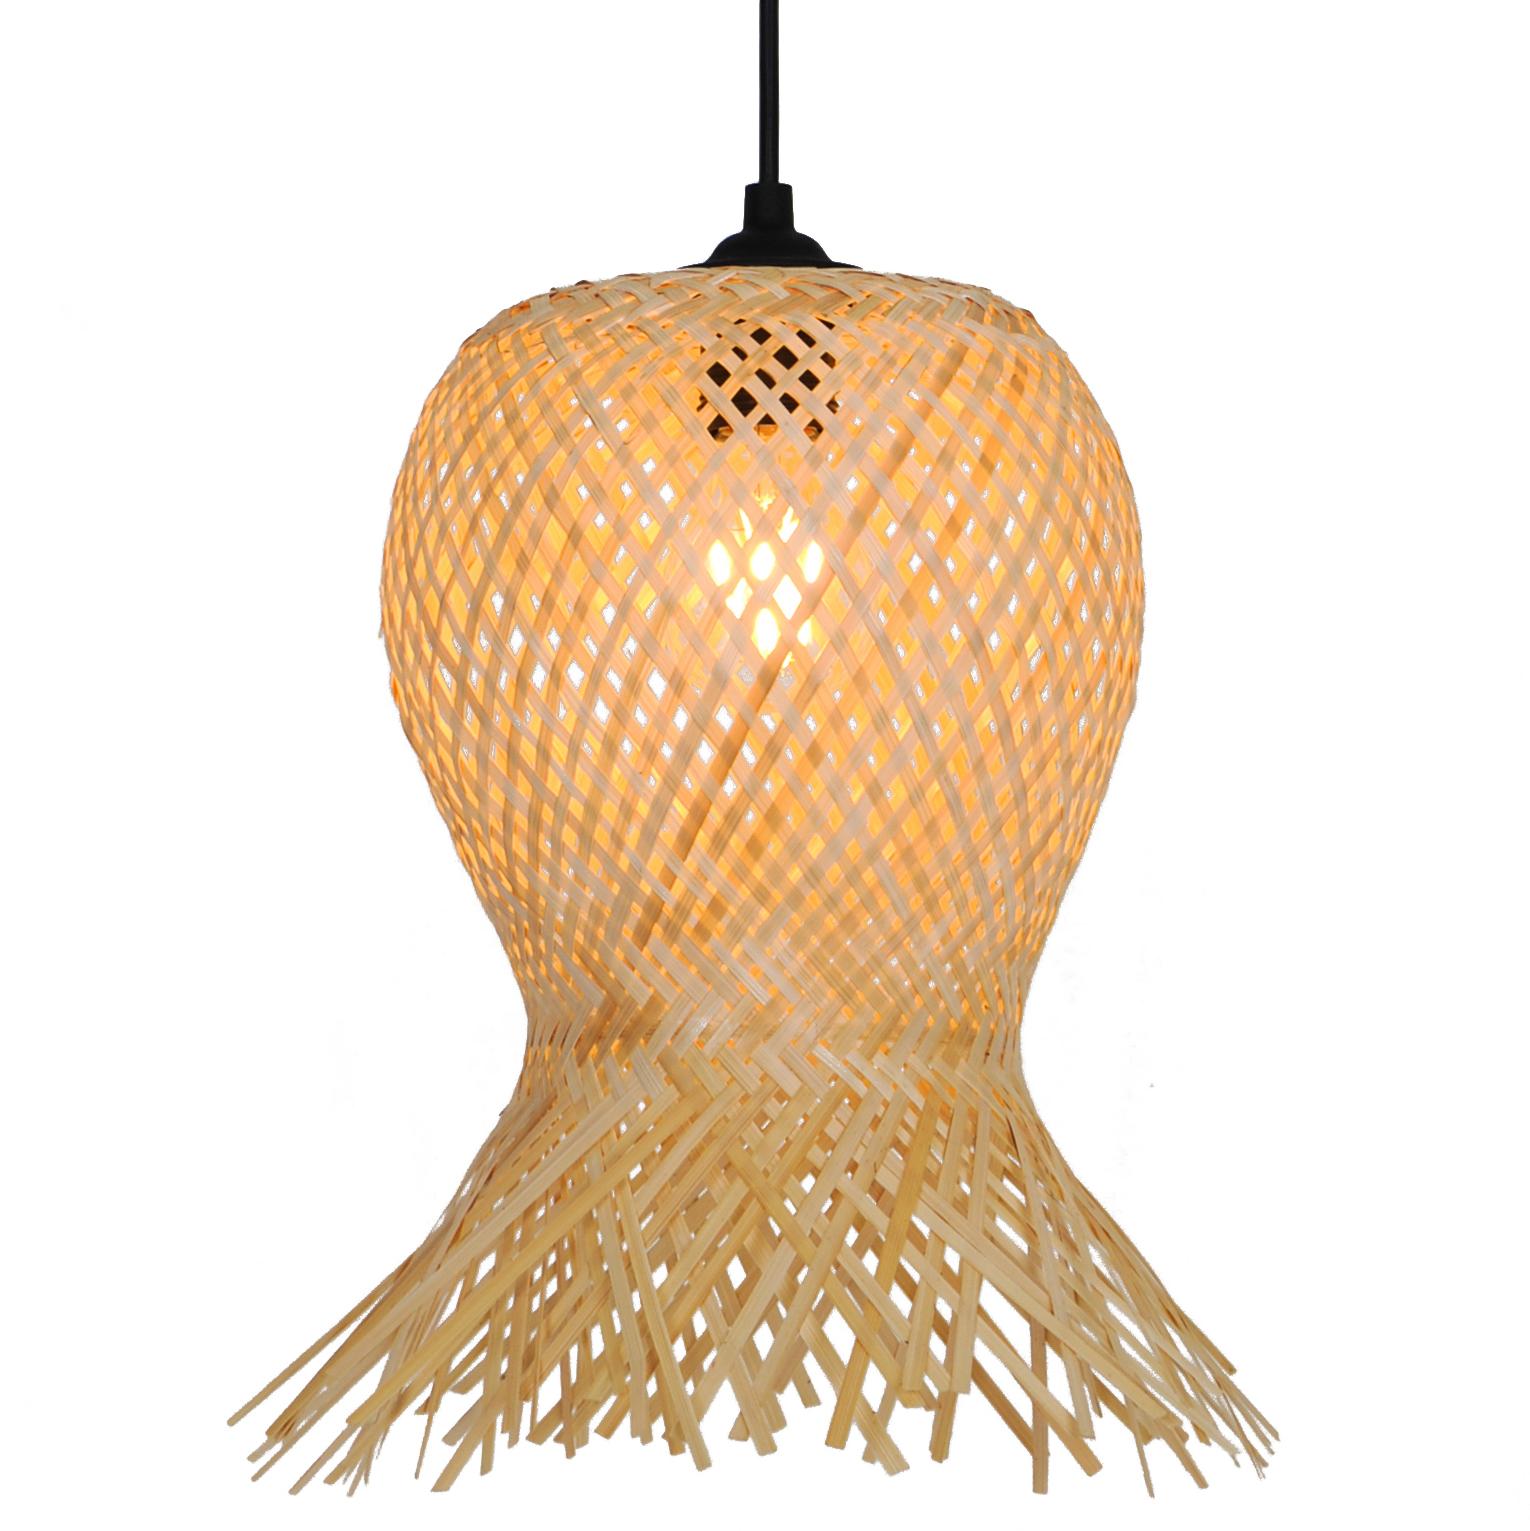 Suspension en bambou marron